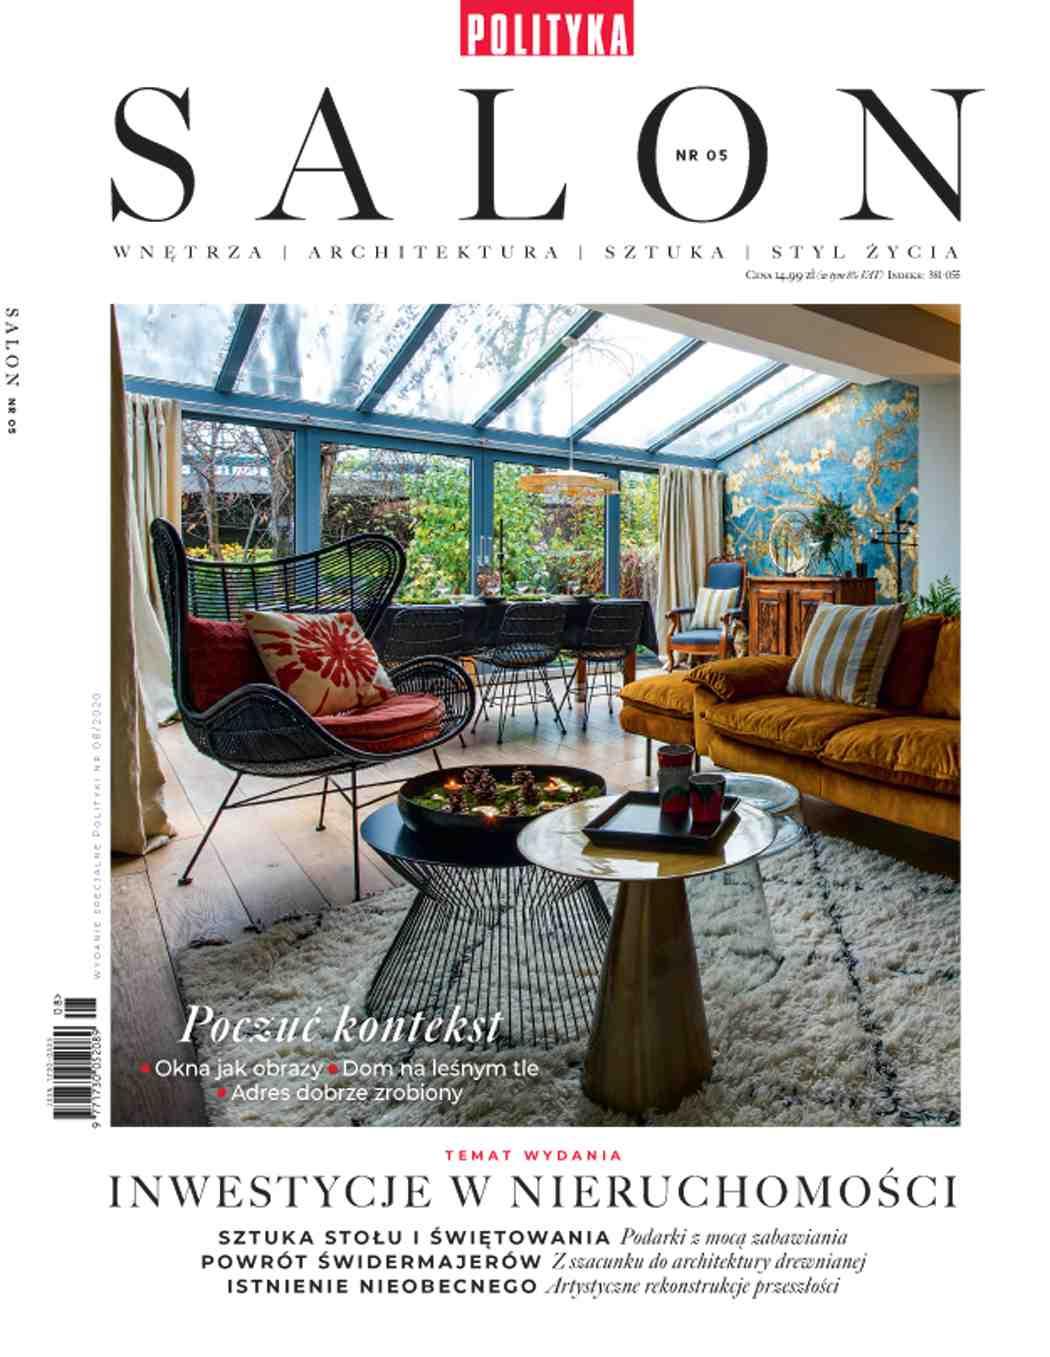 Polityka. Salon. Wydanie specjalne 5/2019 - Ebook (Książka PDF) do pobrania w formacie PDF